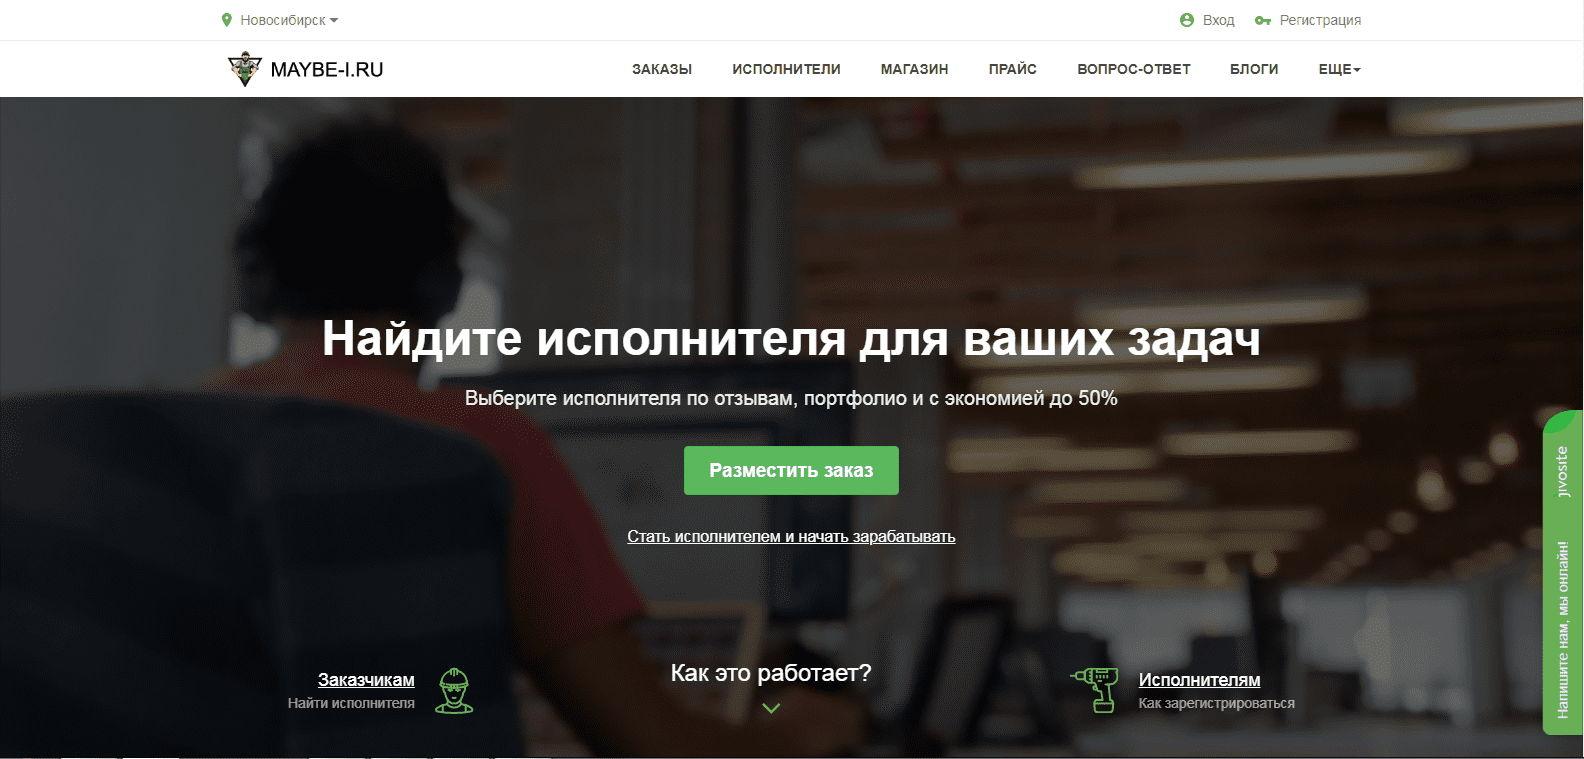 Сайт maybe-i.ru